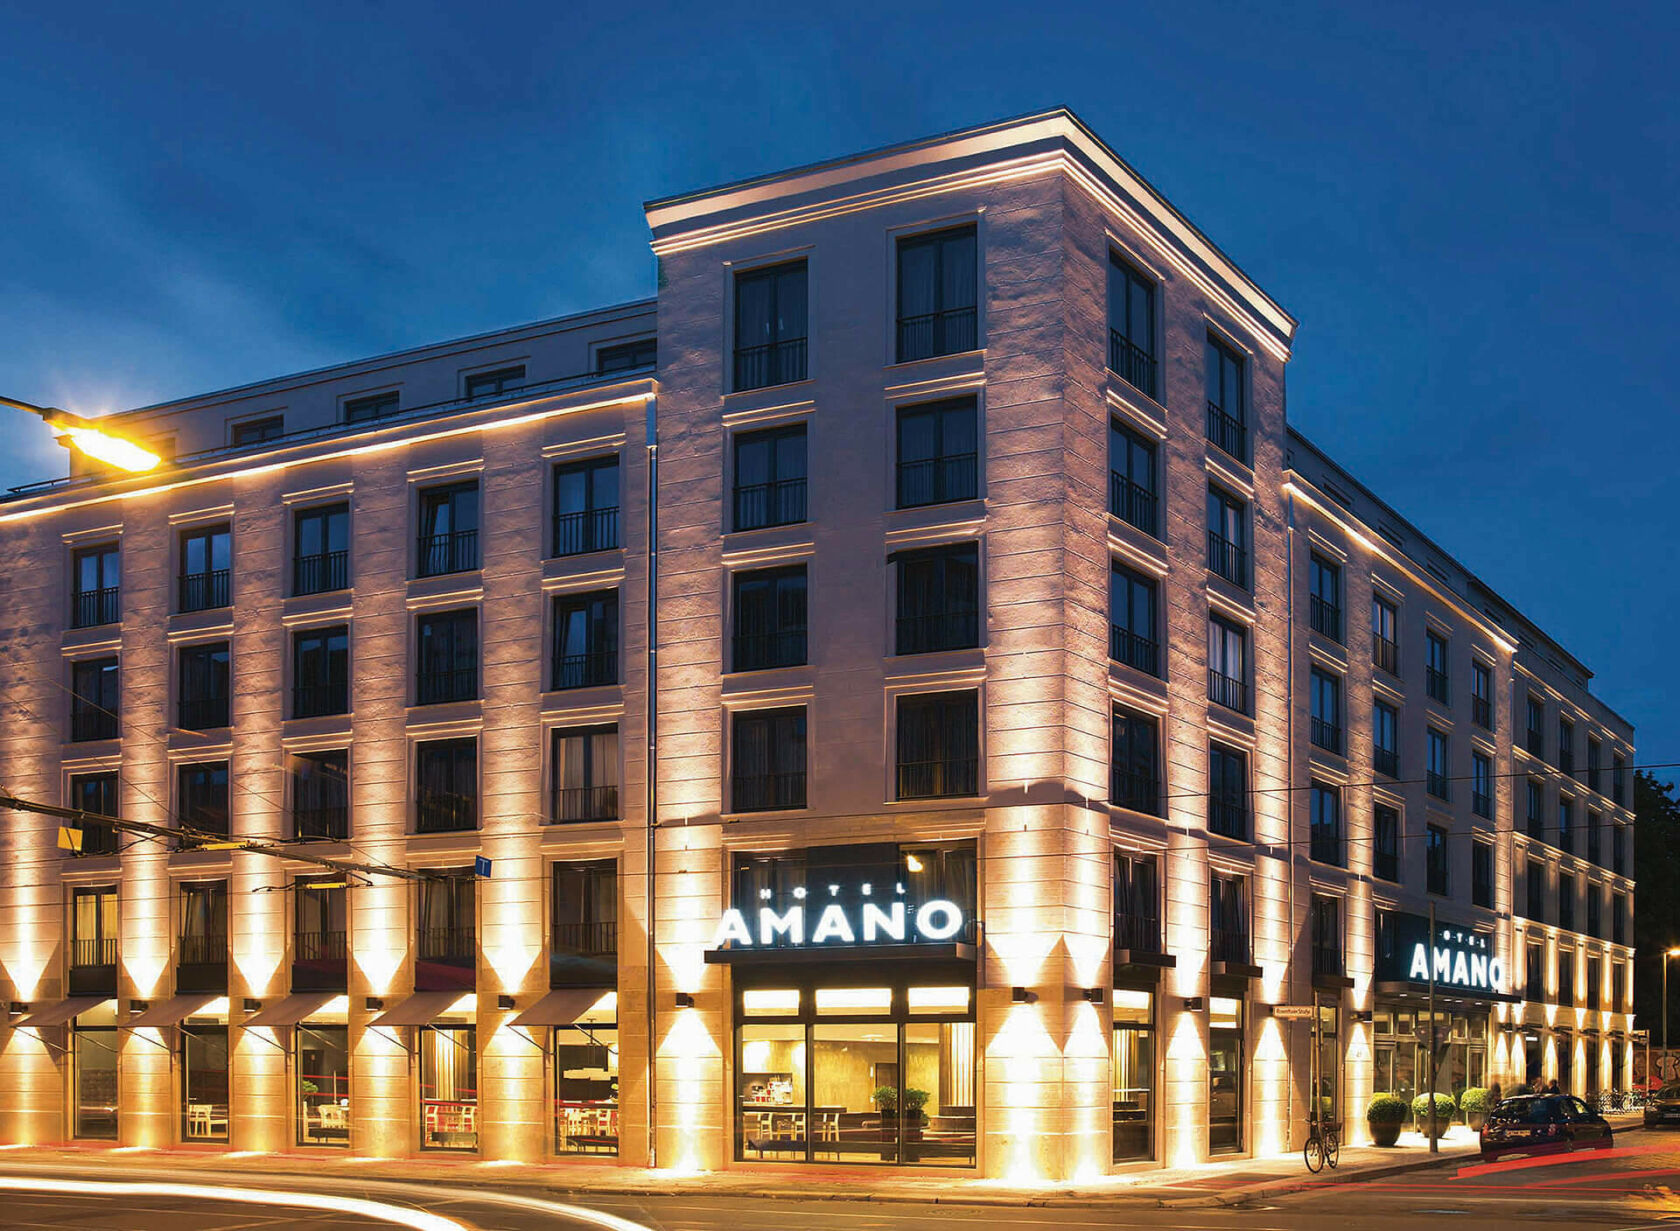 amano group - Hotel